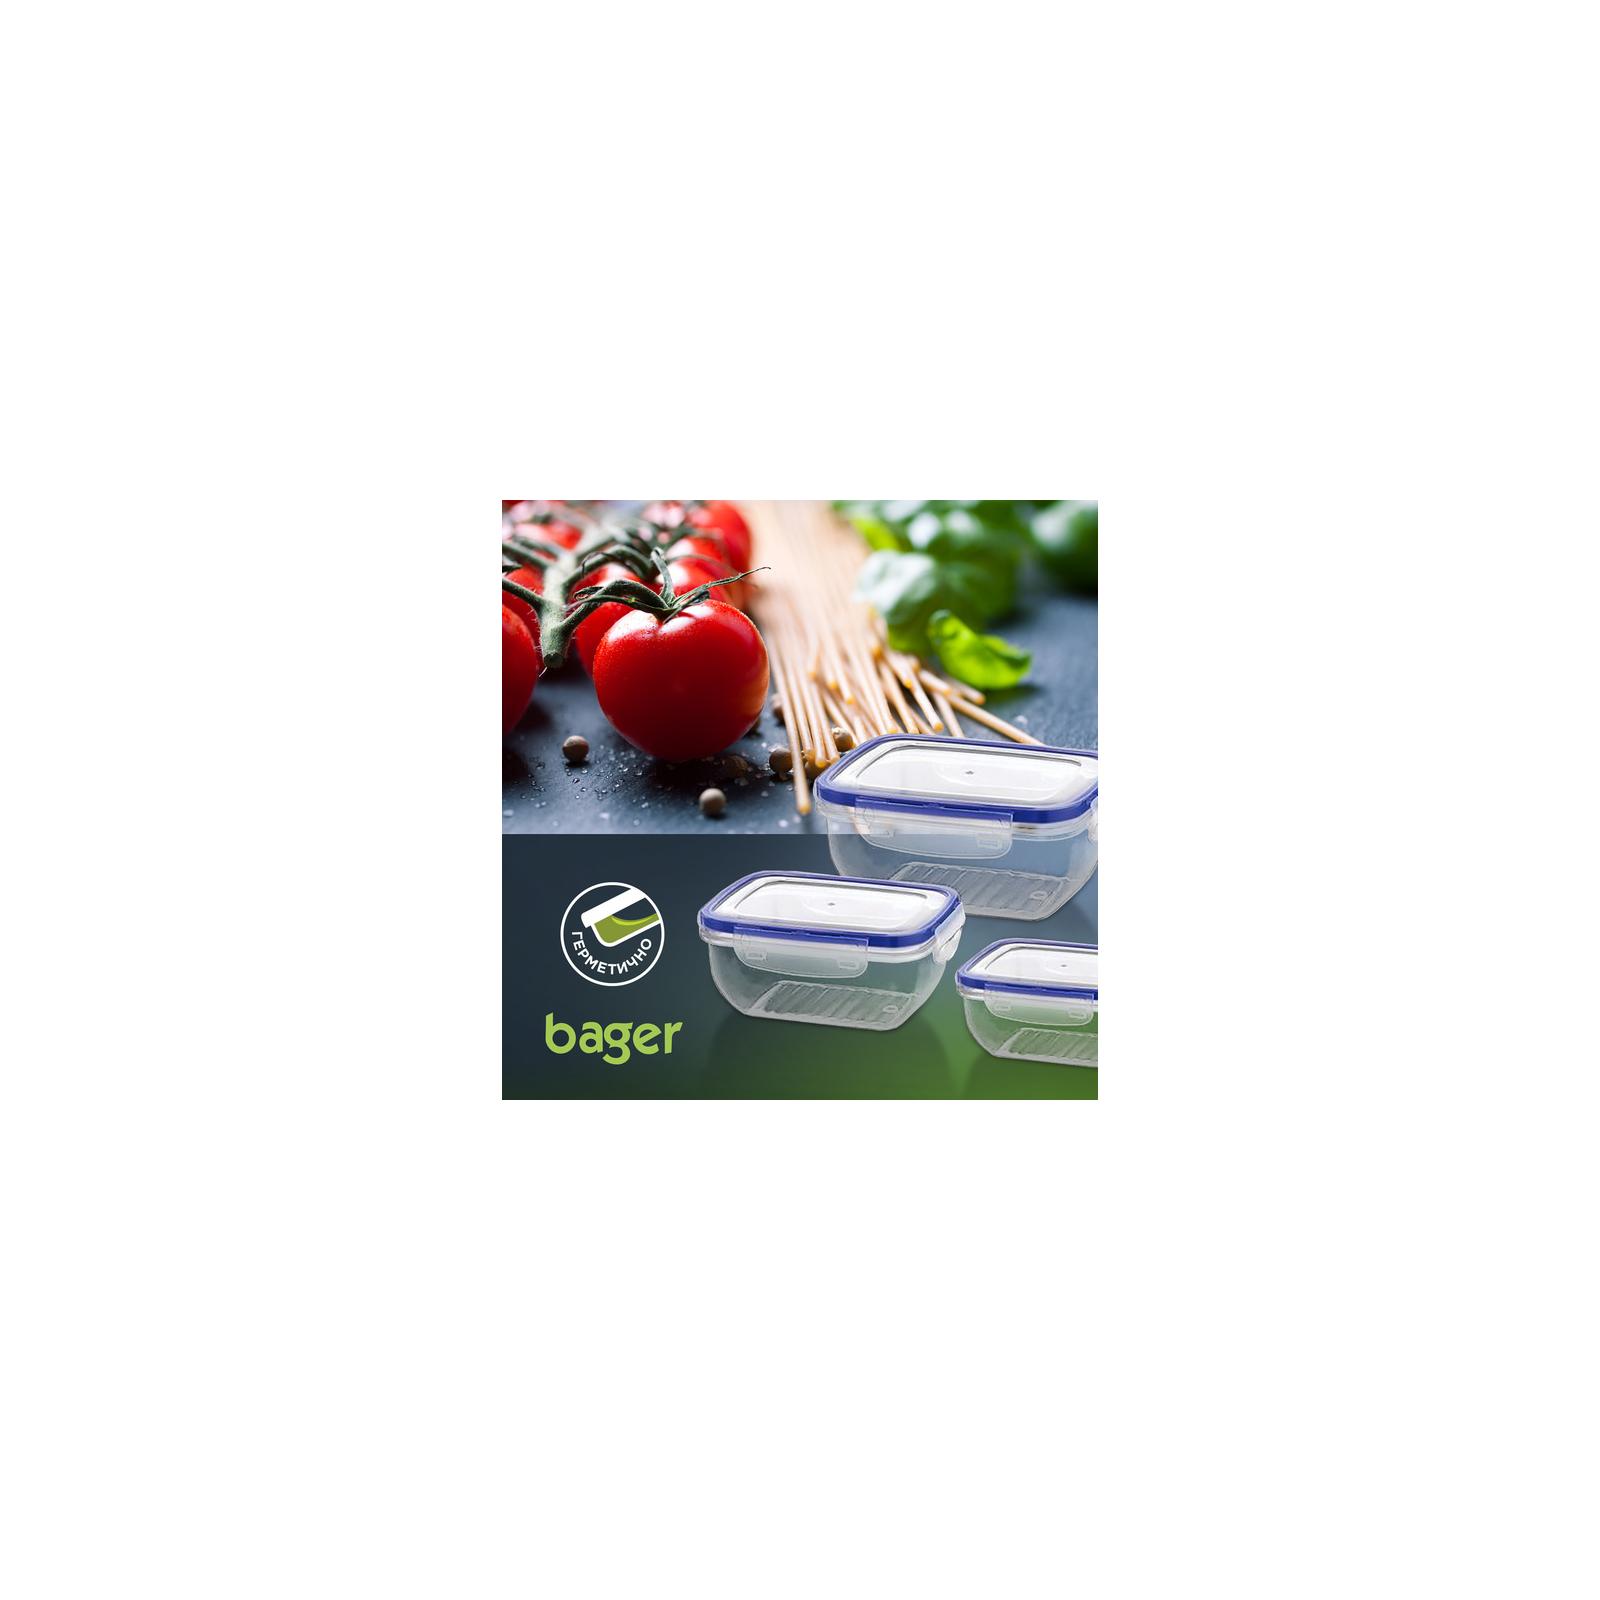 Пищевой контейнер Bager Cook&Lock 3 шт 0.8, 1.4, 2.3 л (BG-505) изображение 3